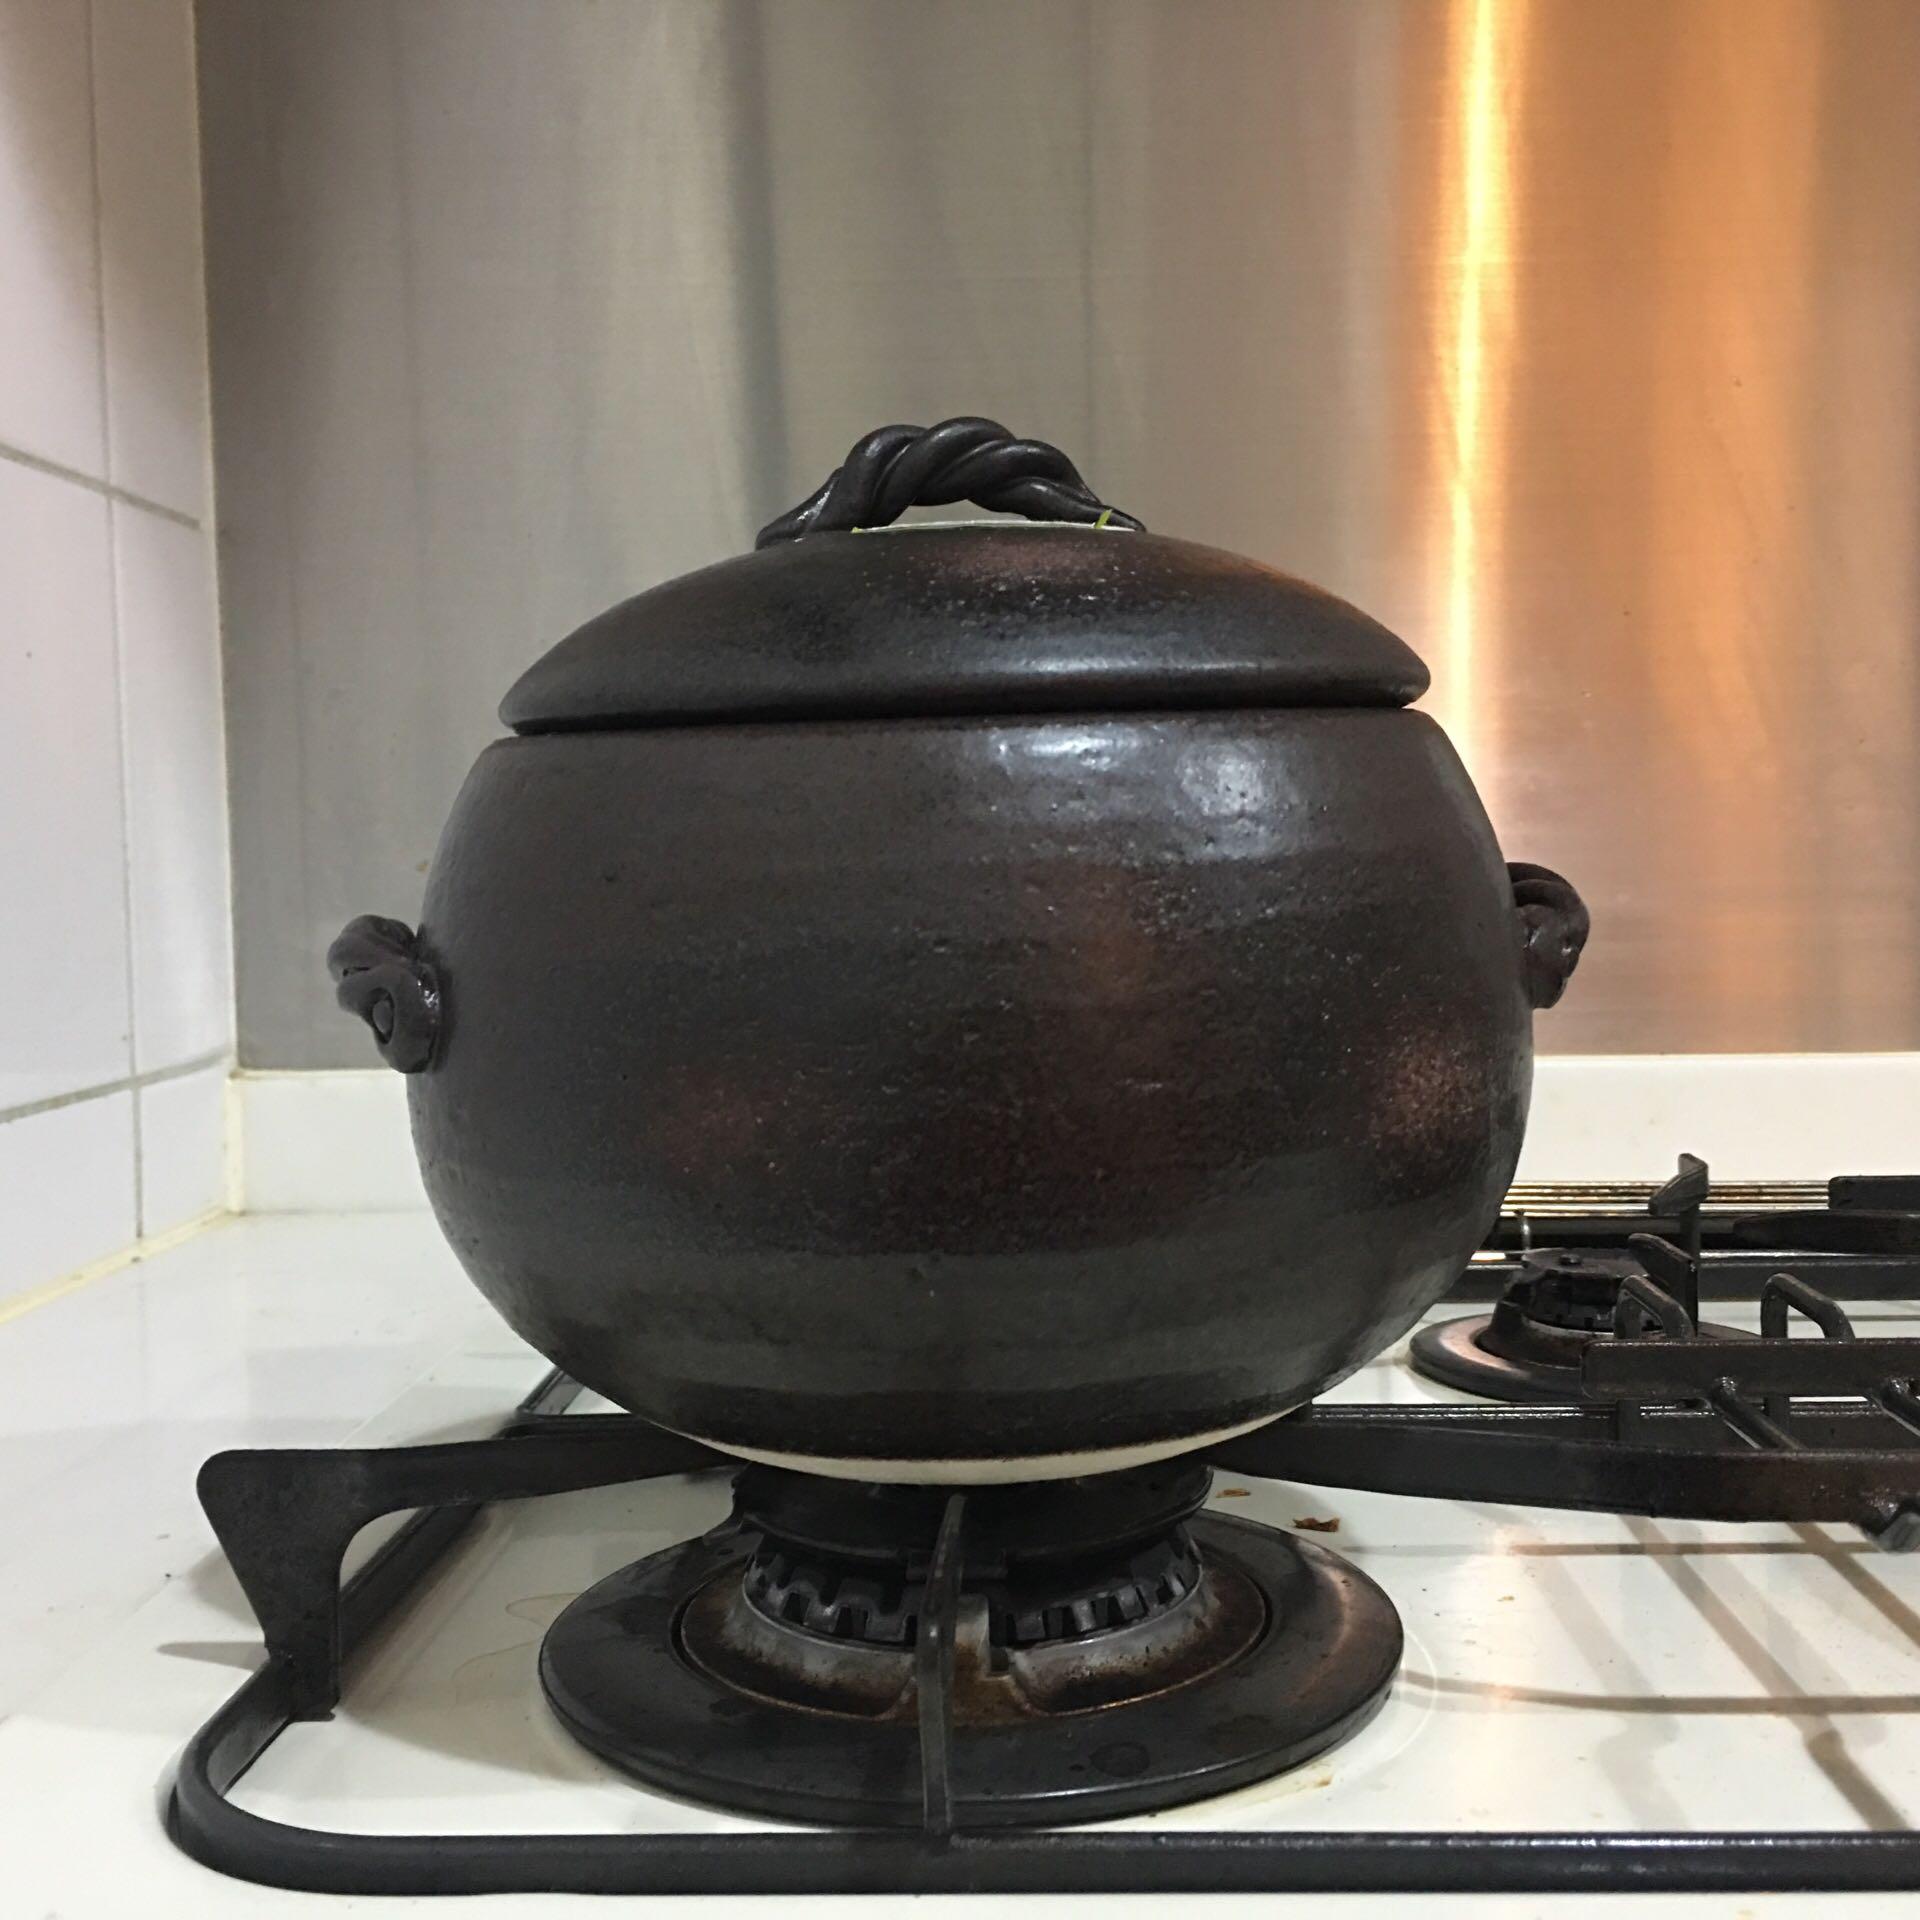 炊飯用土鍋を衝動買いしたら、めちゃ簡単に炊けたしお米はおいしいよ!!!!